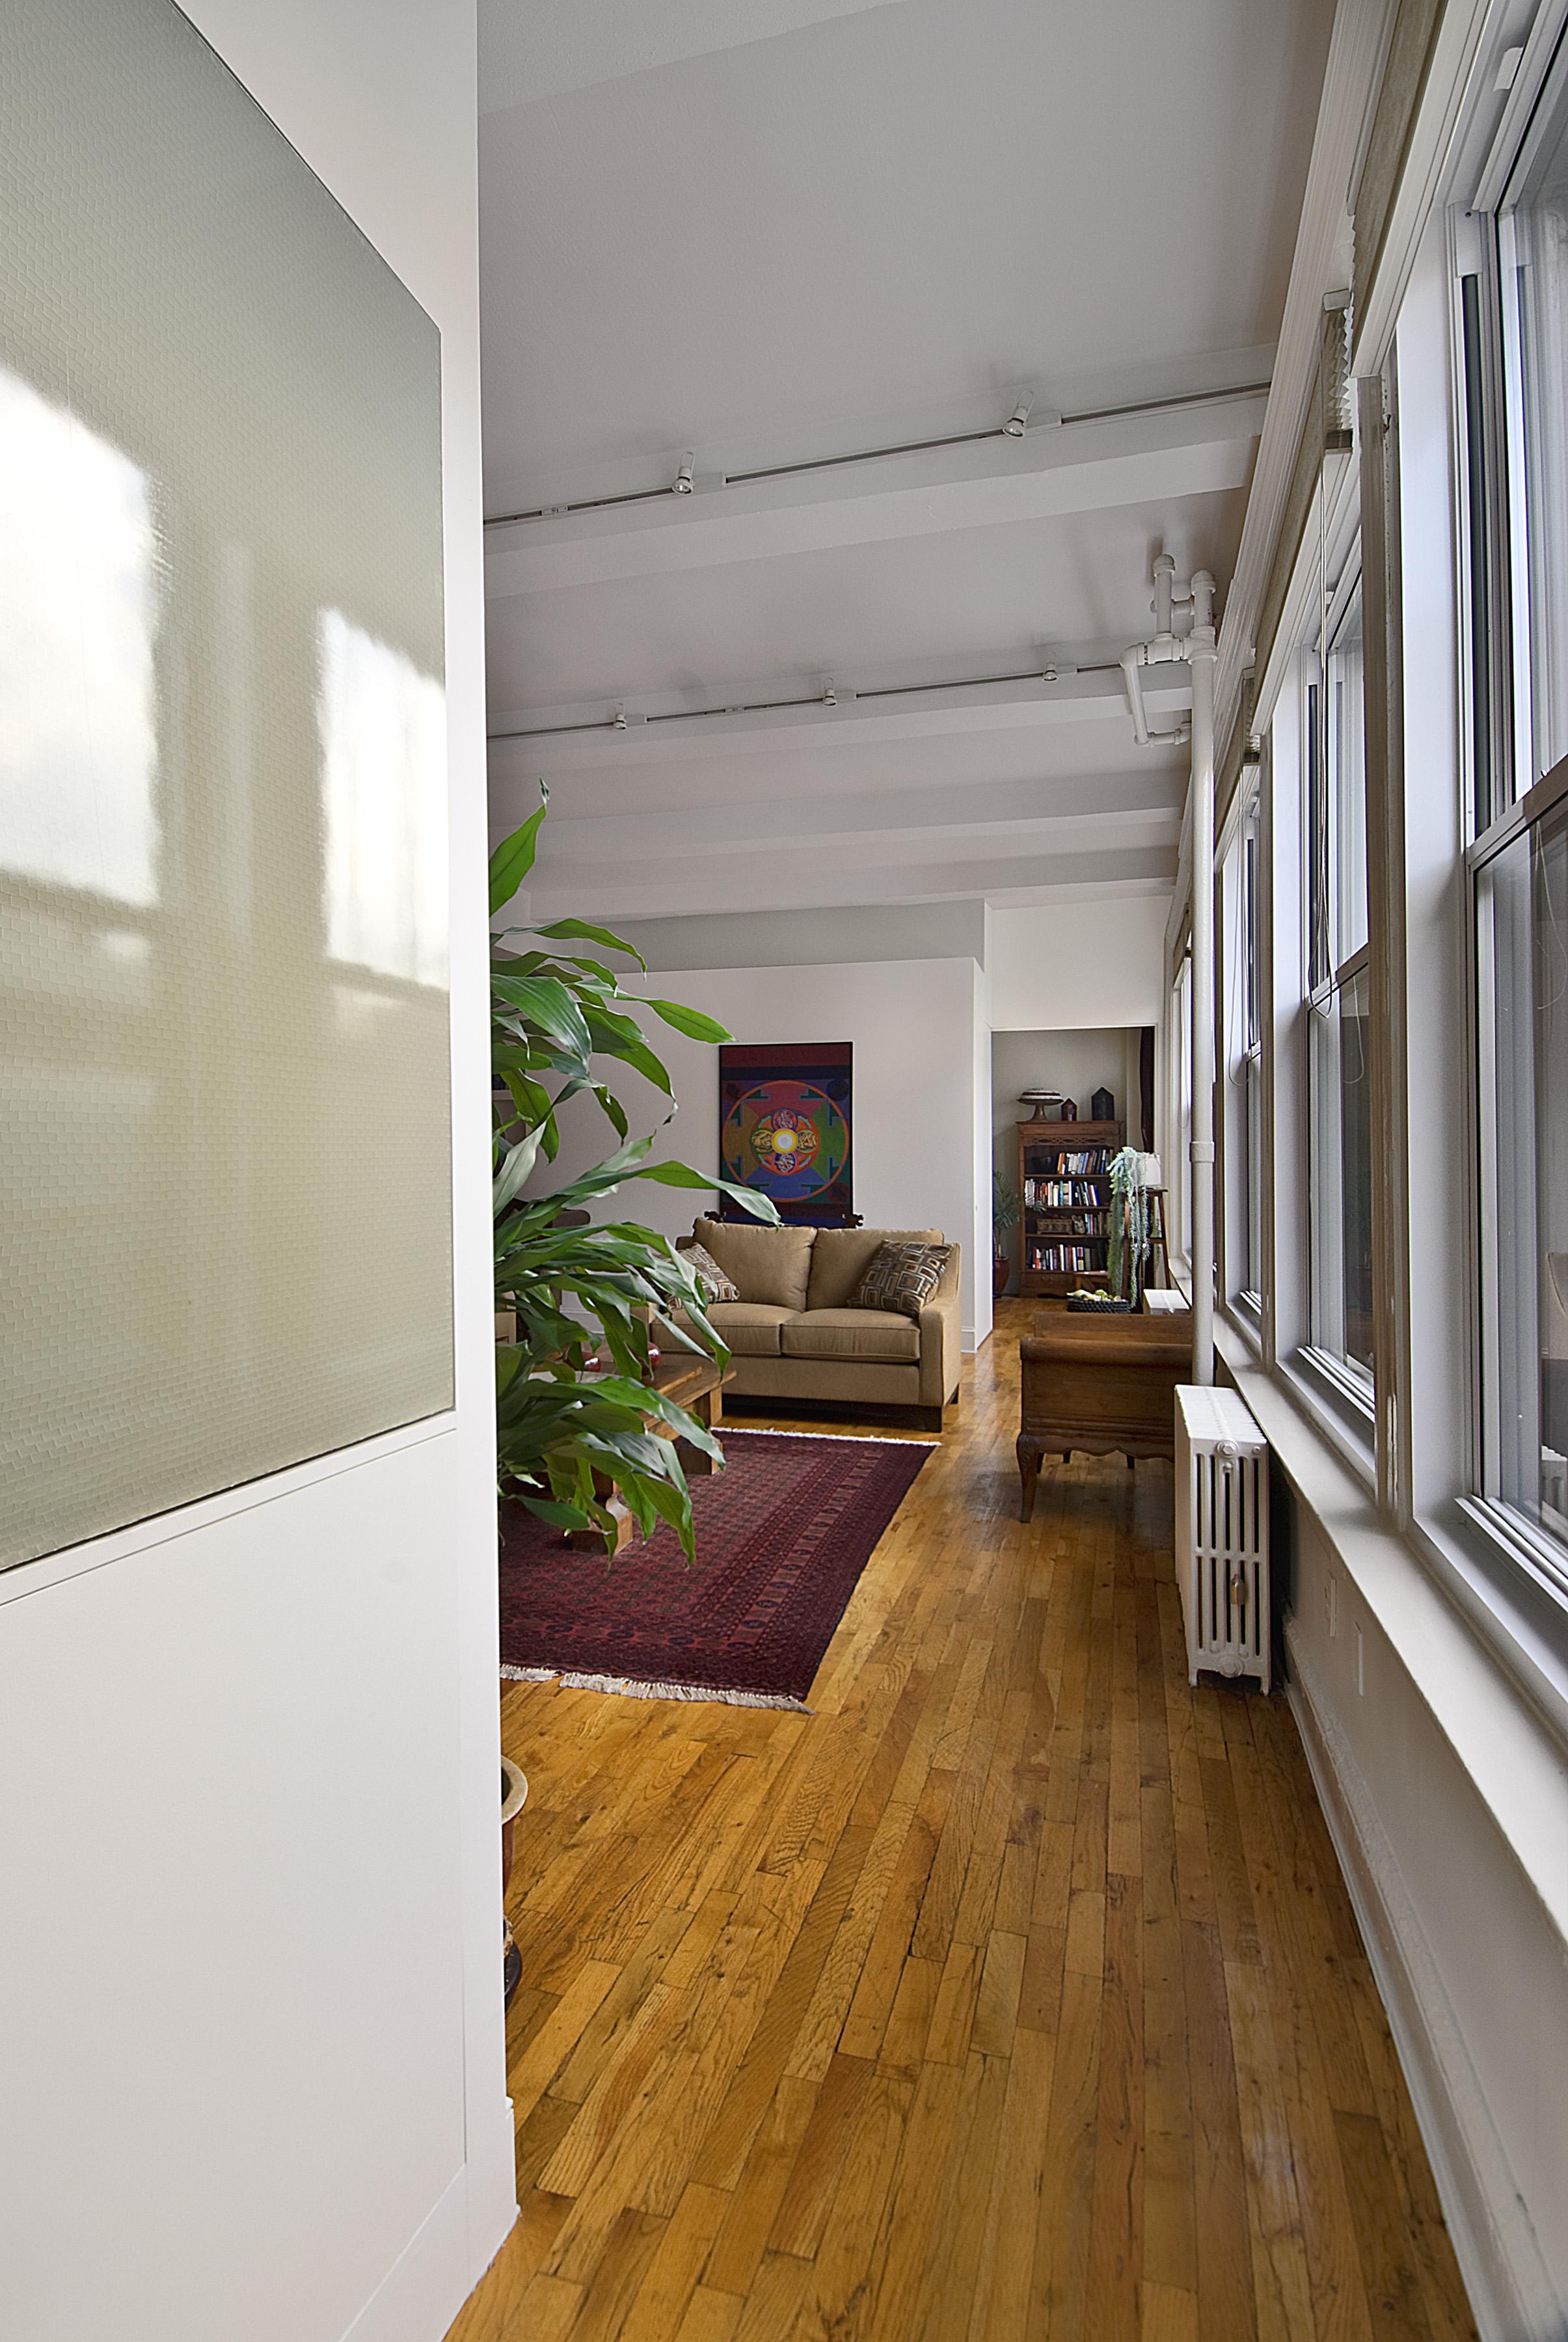 126W.22nd-10N-Hallway-EMossDesign.jpg